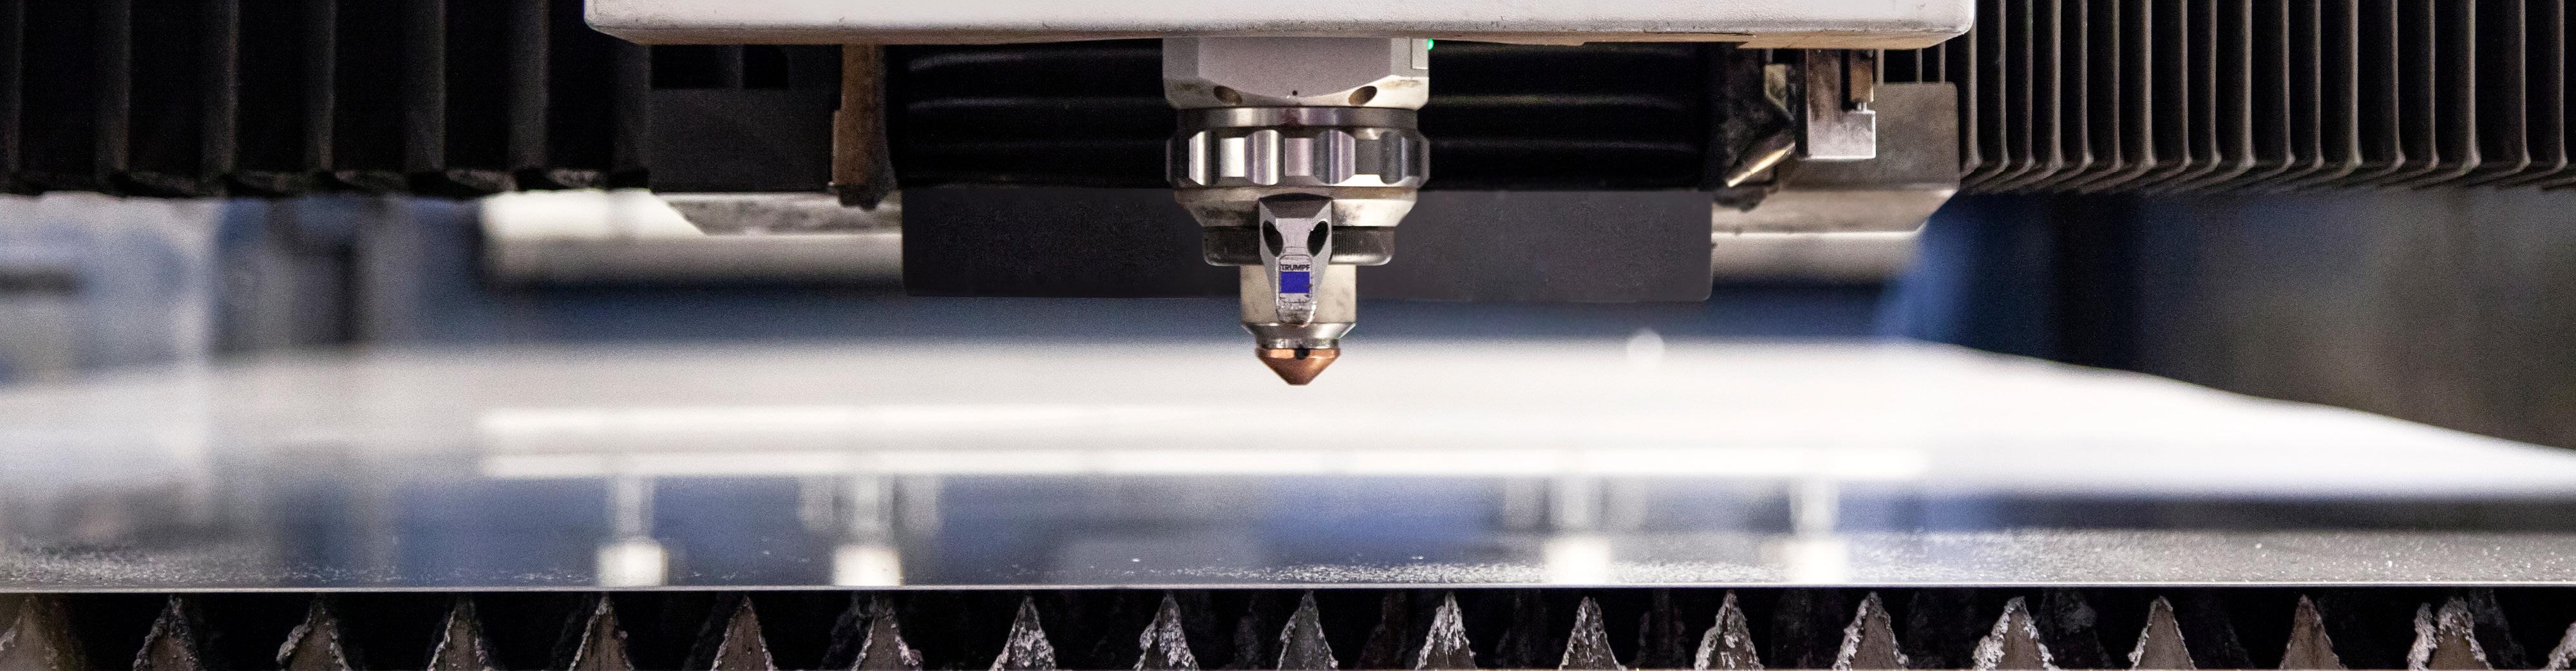 lasersnijmachines plaatwerk